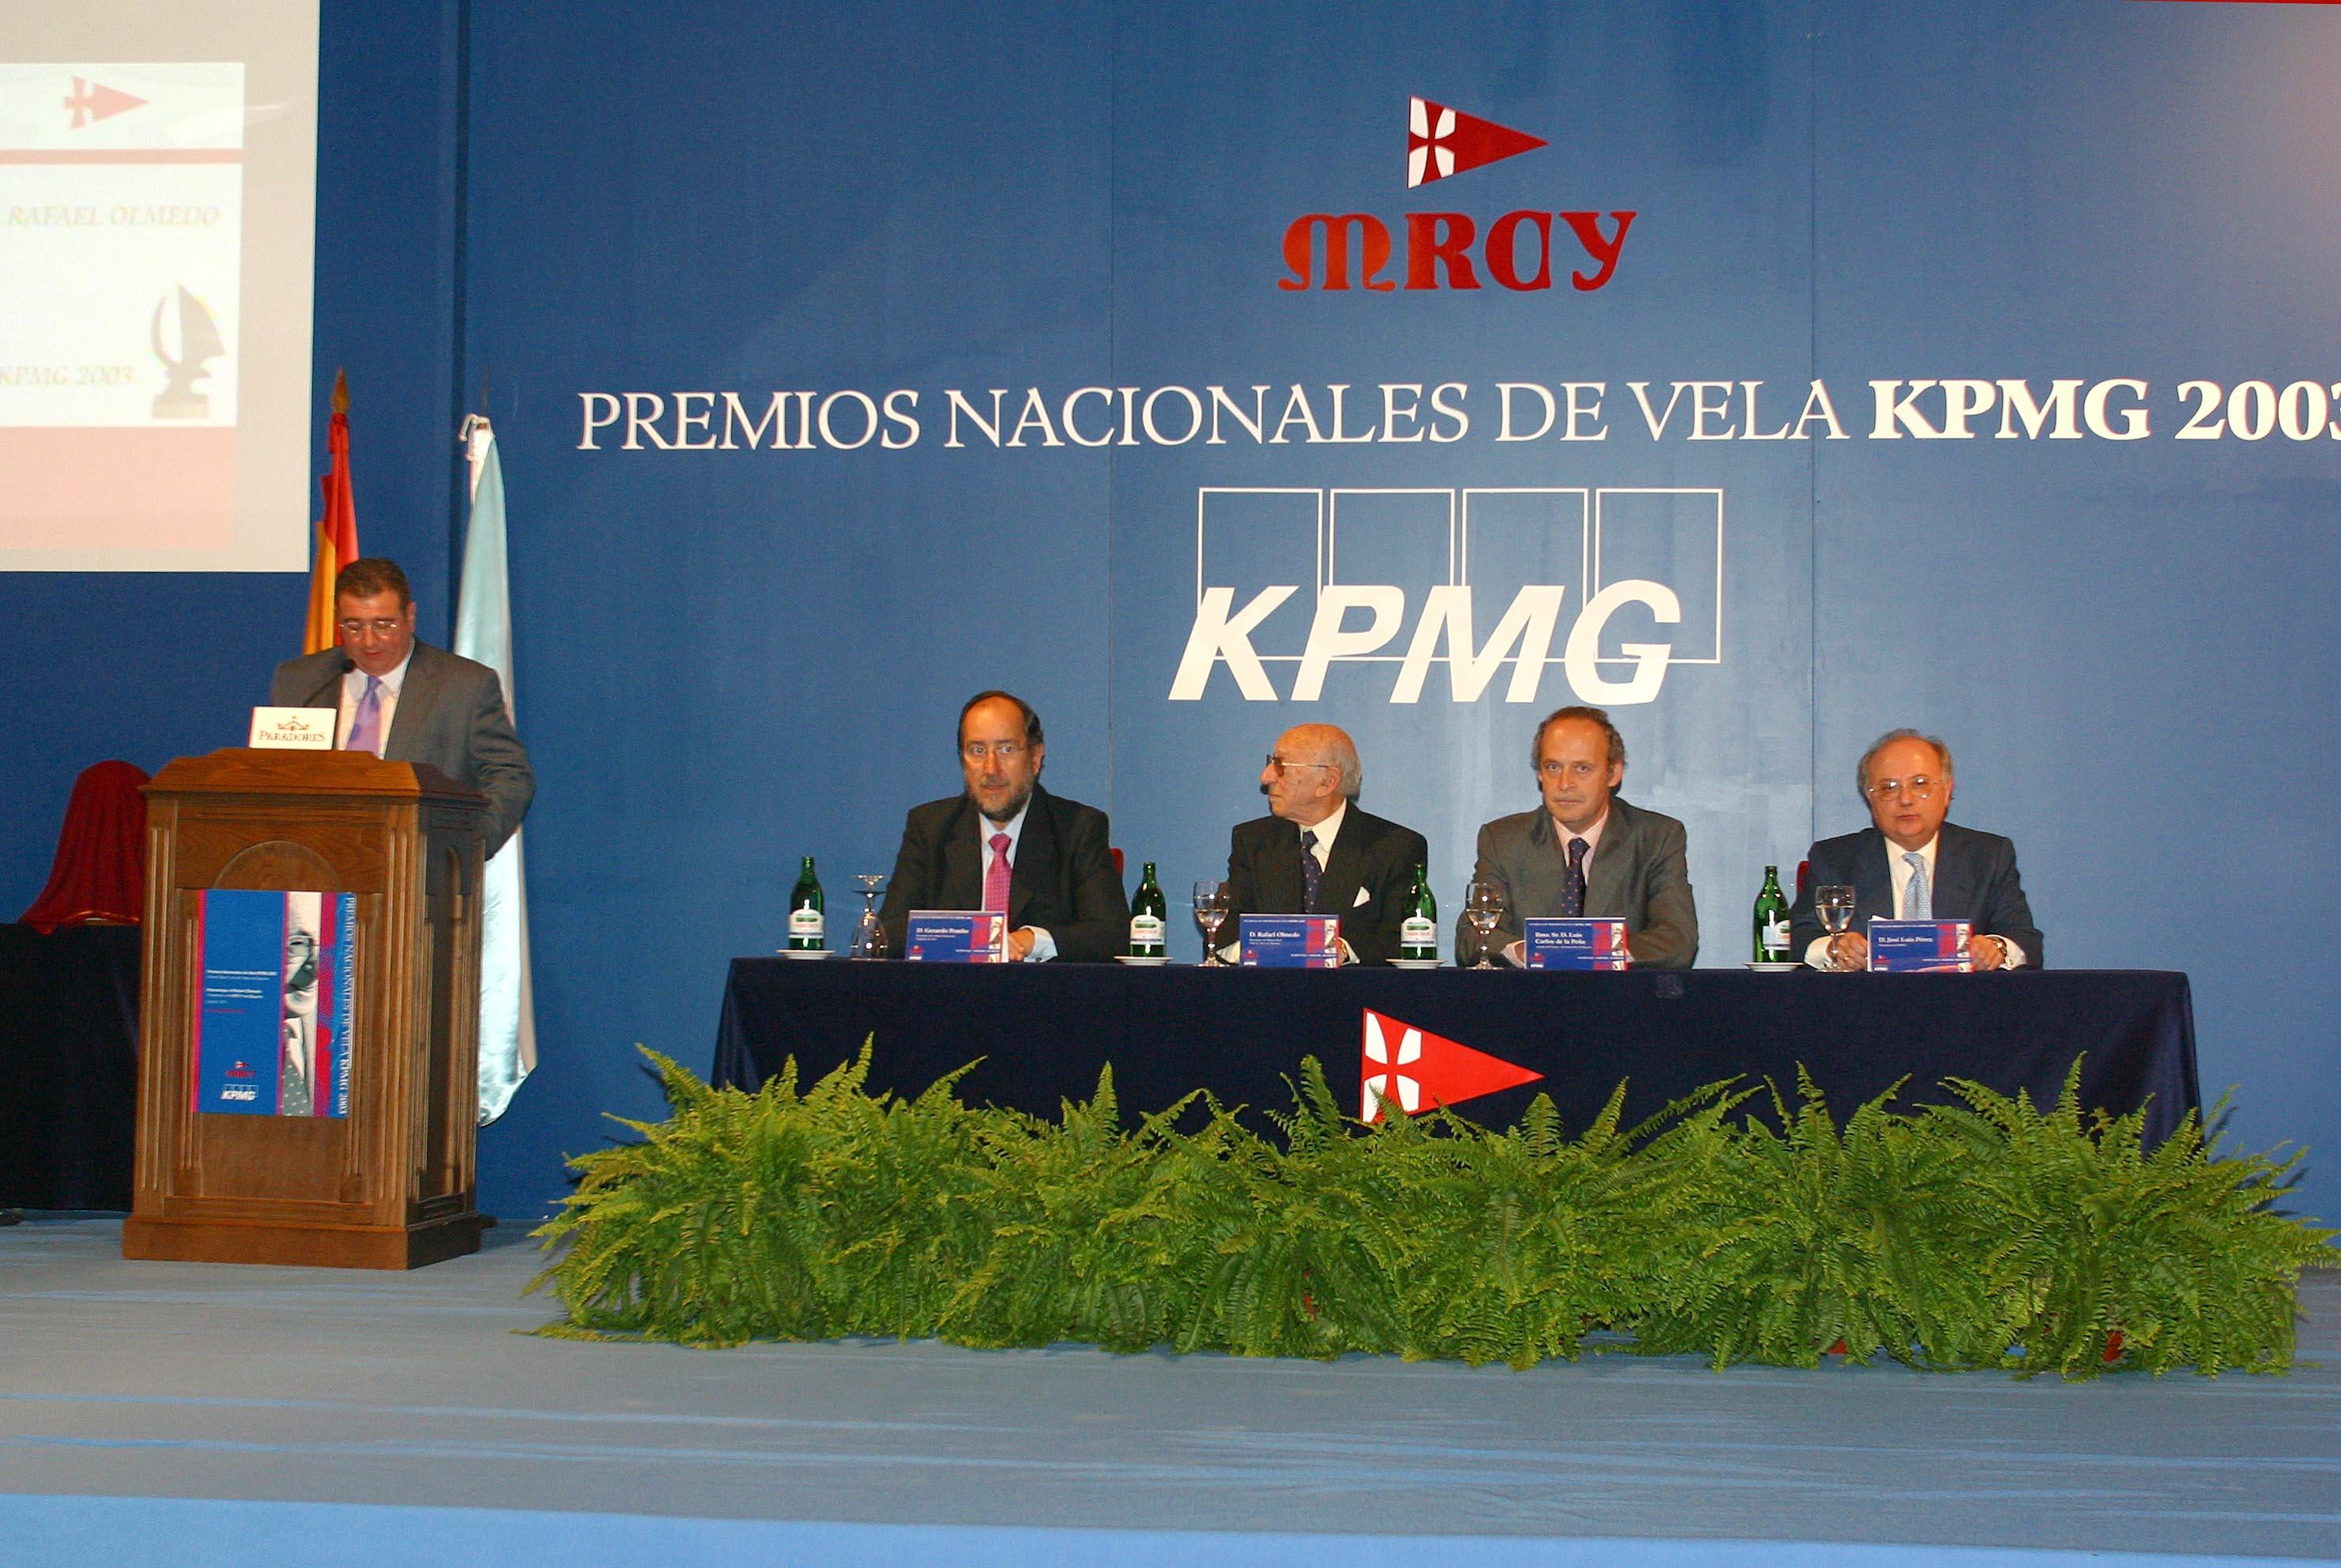 En Baina, en los Premios Nacionales de Vela.